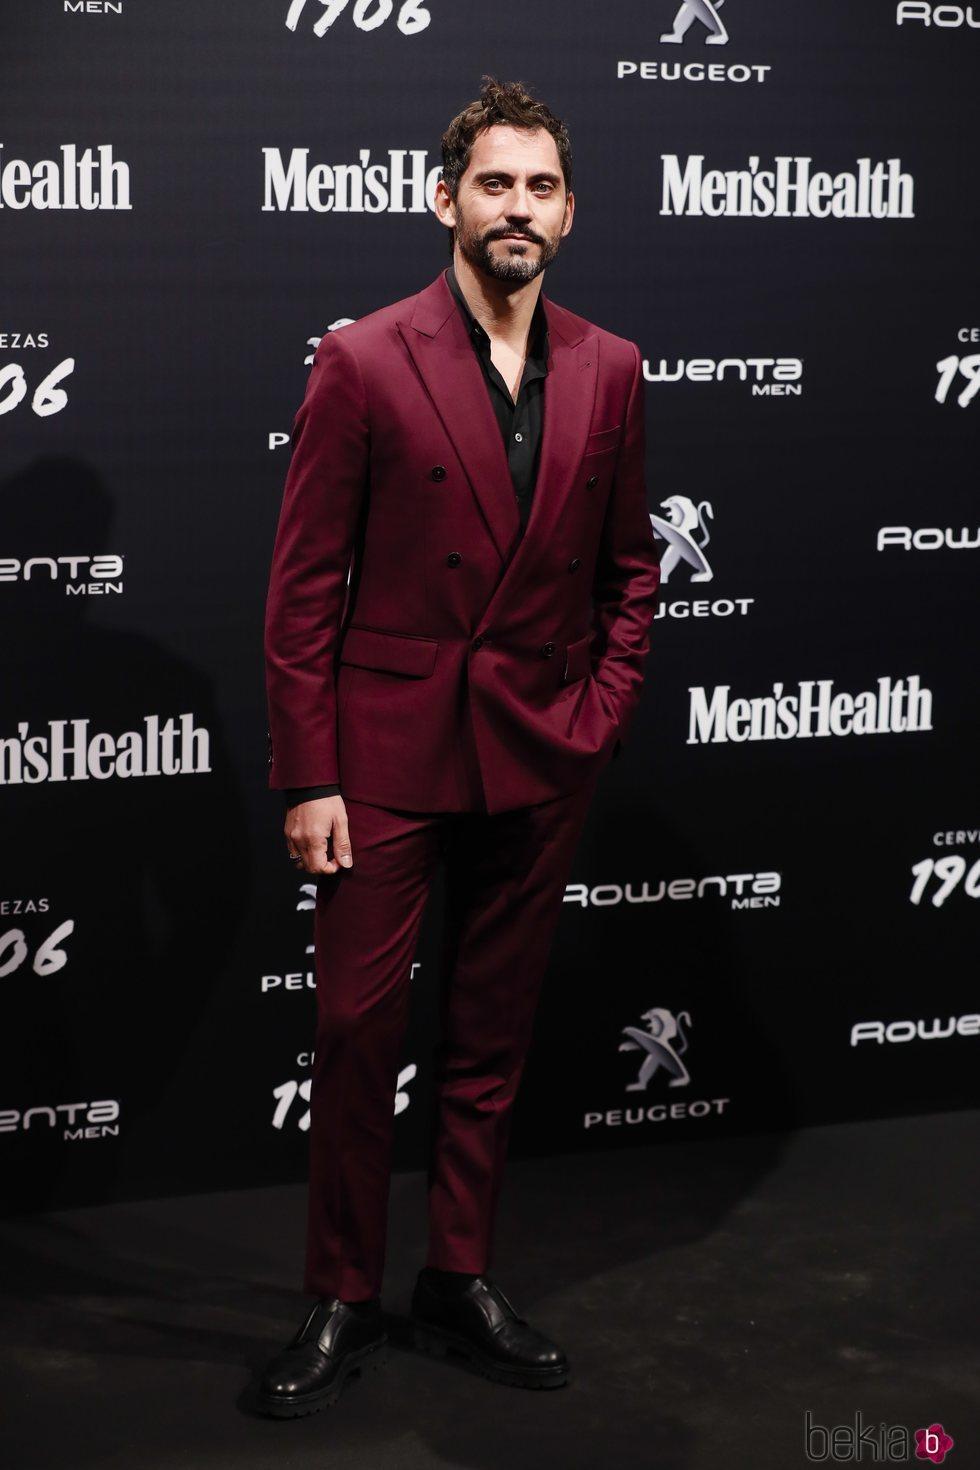 Paco León en los Premios Men's Health 2018